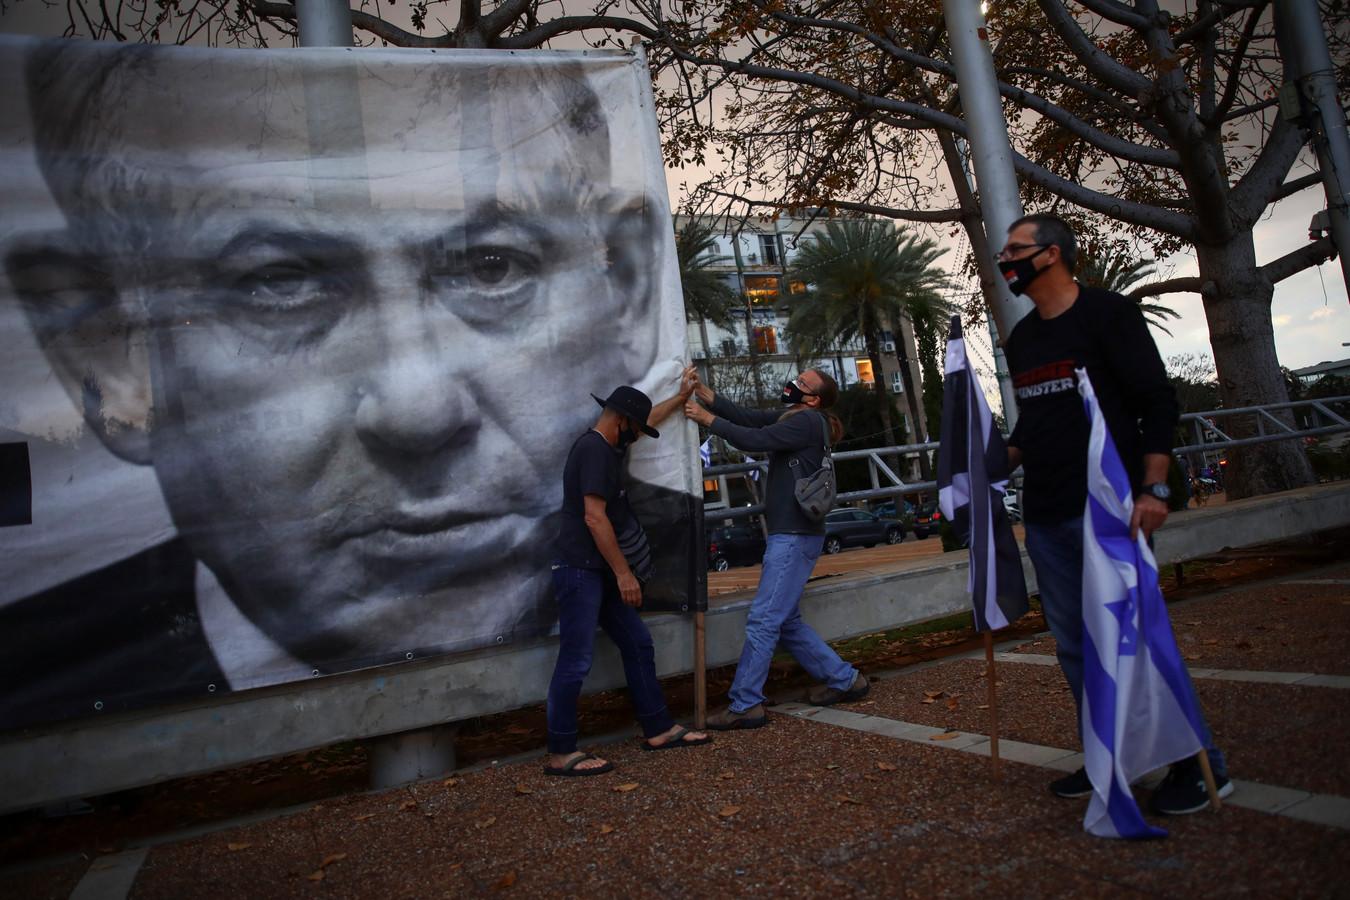 Een affiche van Netanyahu